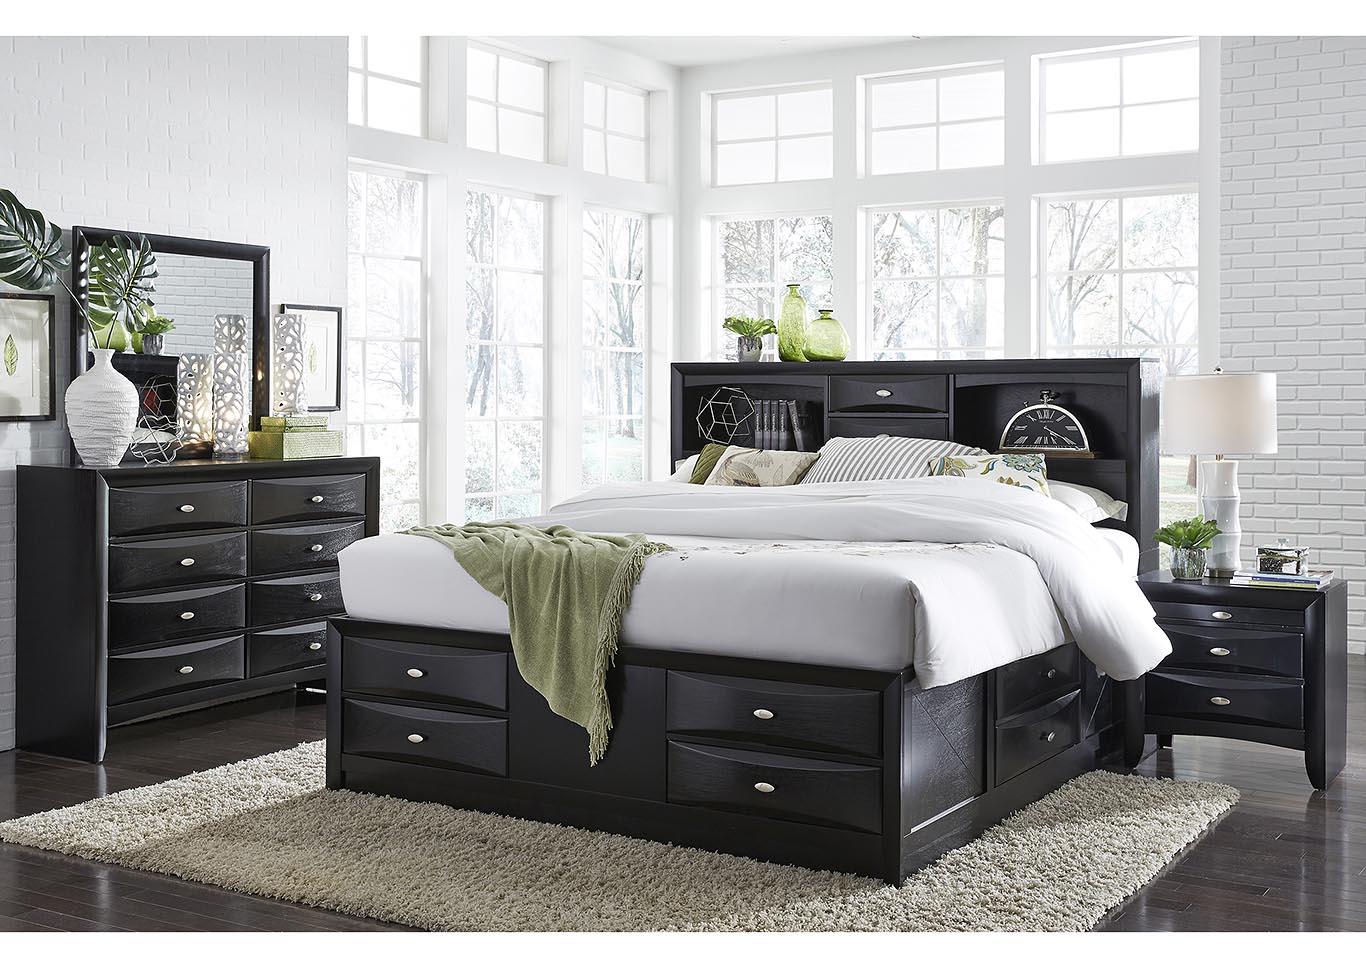 Linda Black Queen Storage Bed W/Dresser, Mirror, Nightstand And Drawer  Chest,